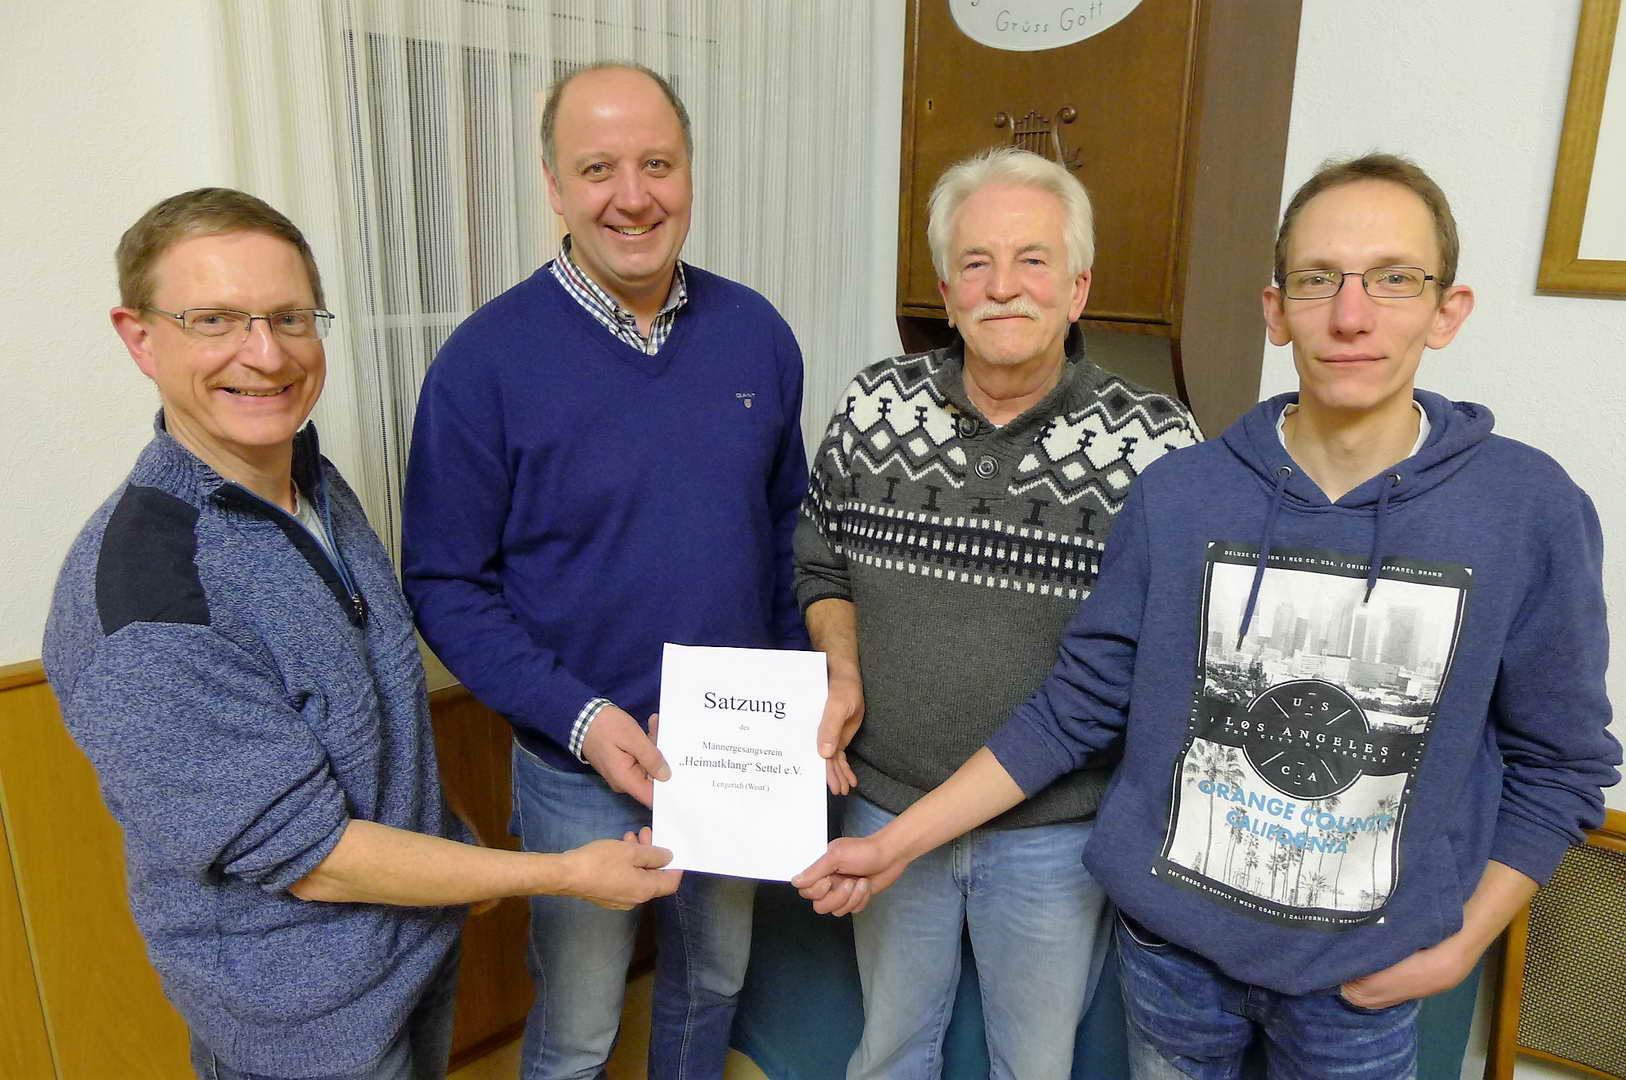 Der neu gewählte Vorstand des MGV Settel:  v.l. Holger Kahmann (1. Schriftführer) Marco Westphal (2. Schriftführer) Raimund Spieker (2. Vorsitzender), Ralf Krumme (1.Vorsitzender) Hans-Joachim Knöpker-Bettler (1. Kassenwart), Heiner Peters (2. Kassenwart)